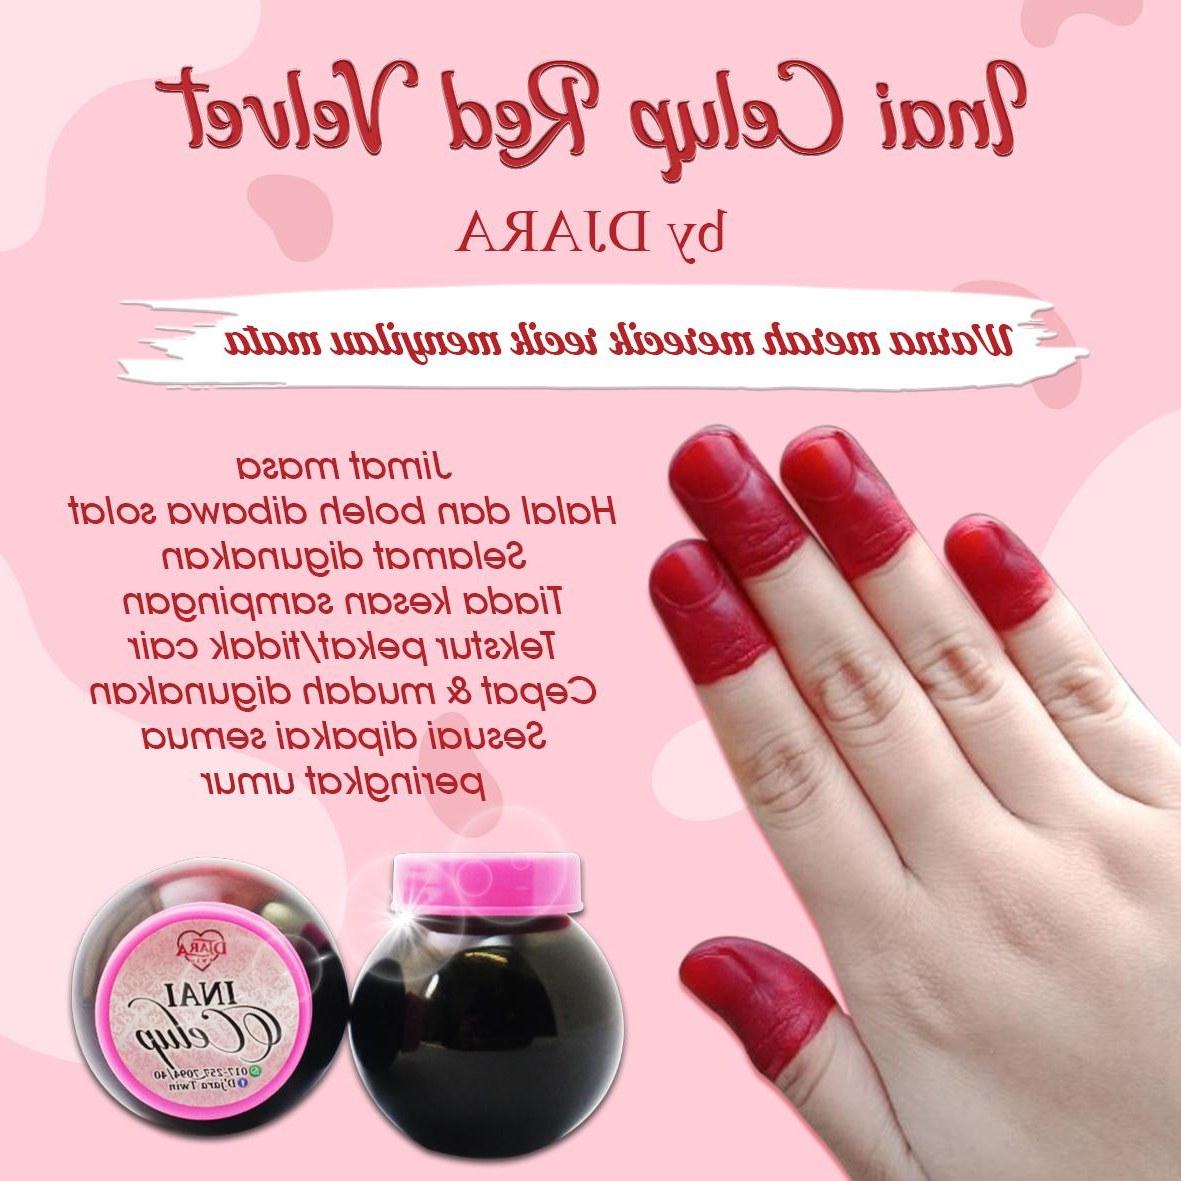 Design Gaun Pengantin Muslimah Warna Merah Qwdq Inai Celup Merah Menyala